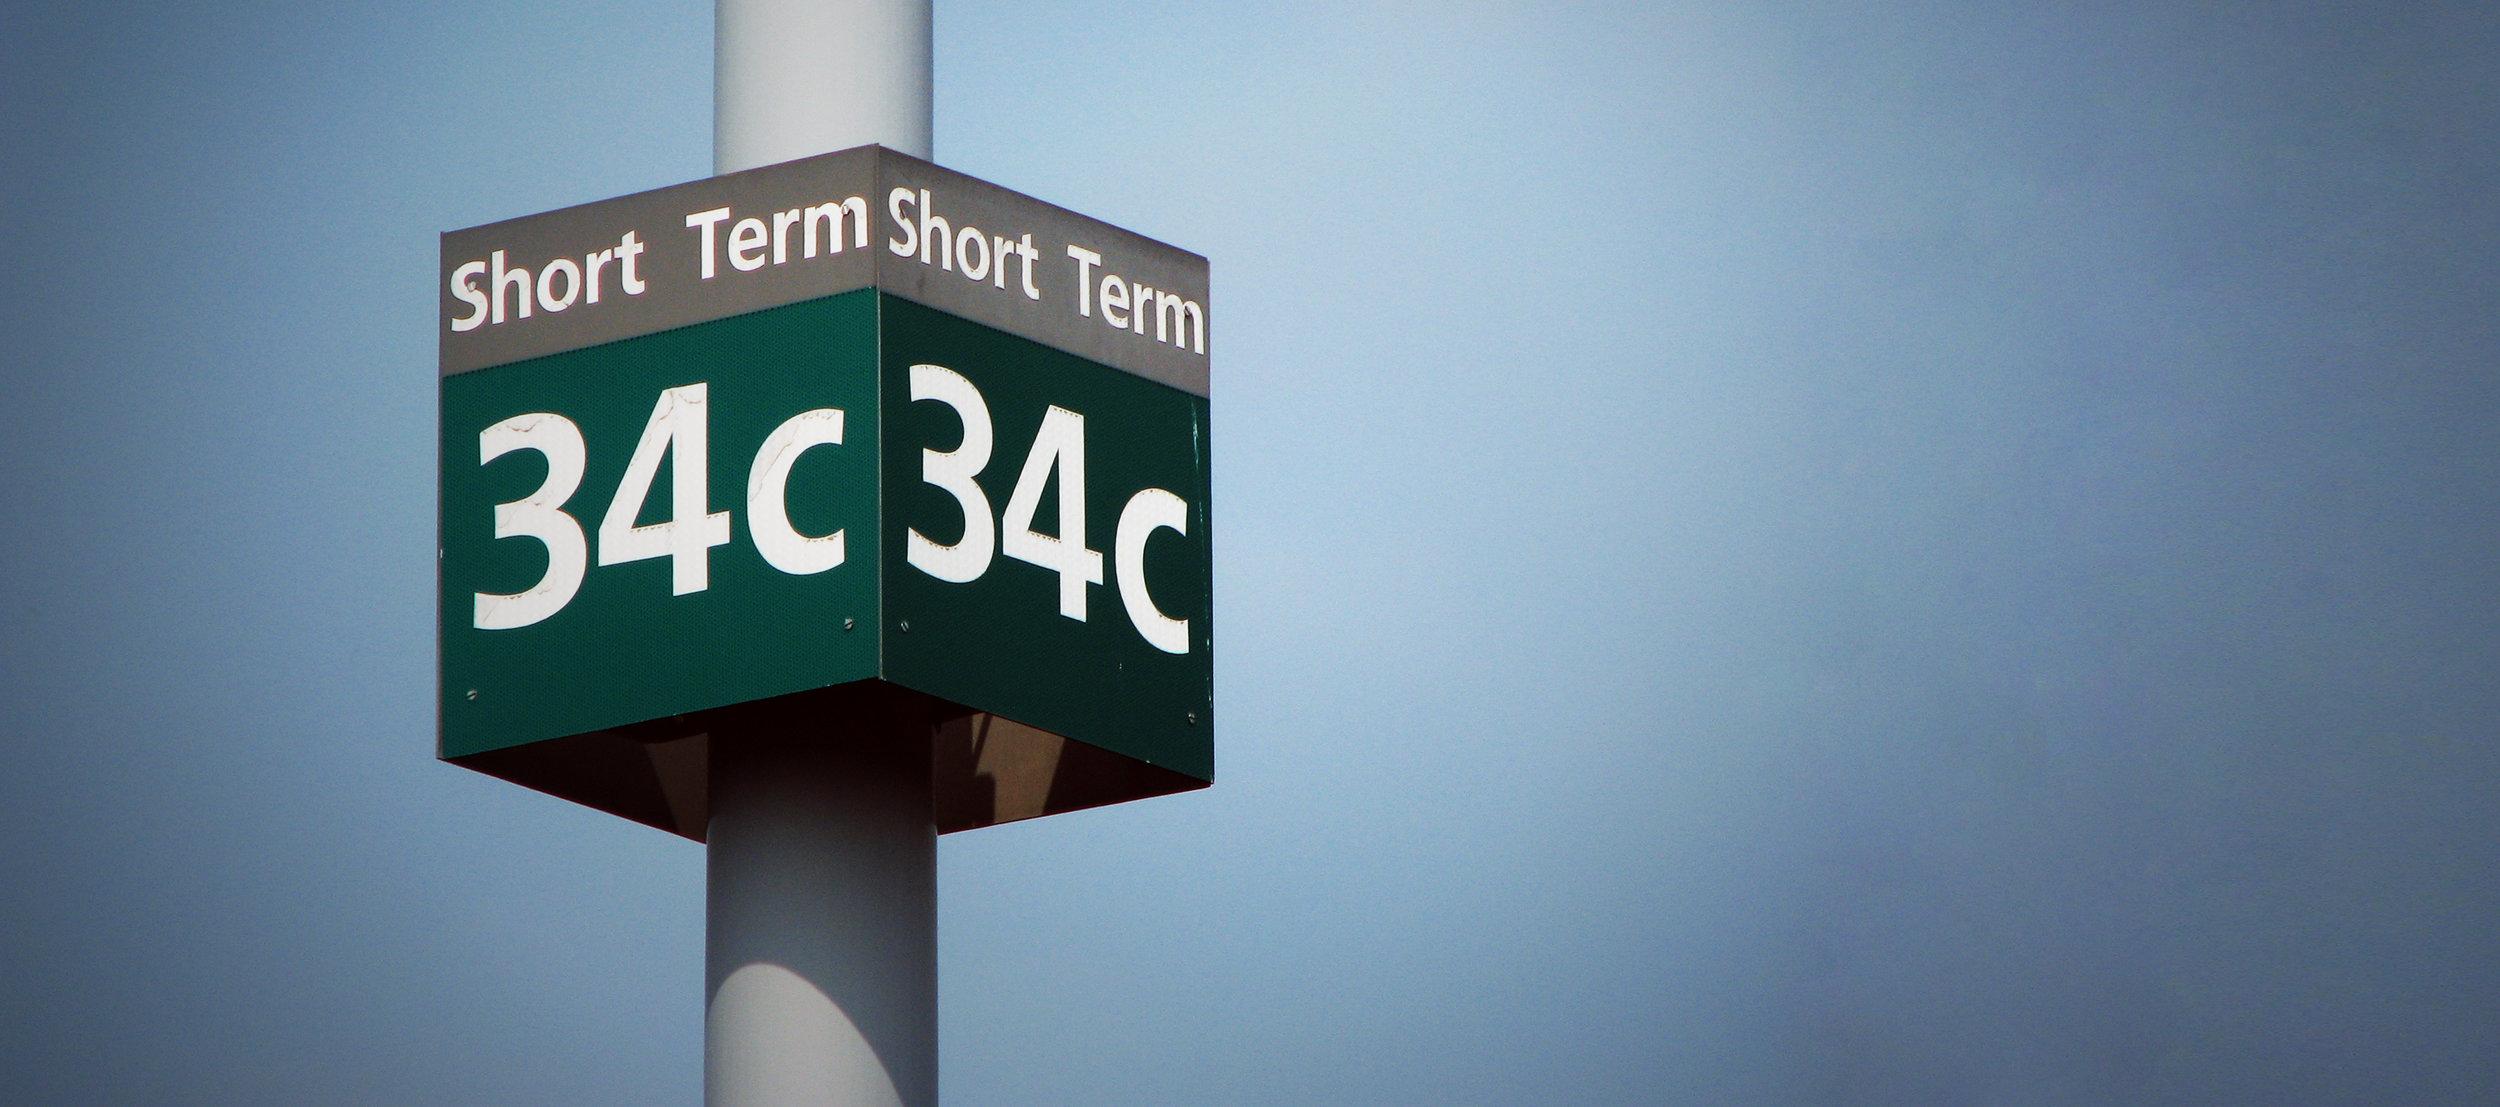 short-term-1444815.jpg